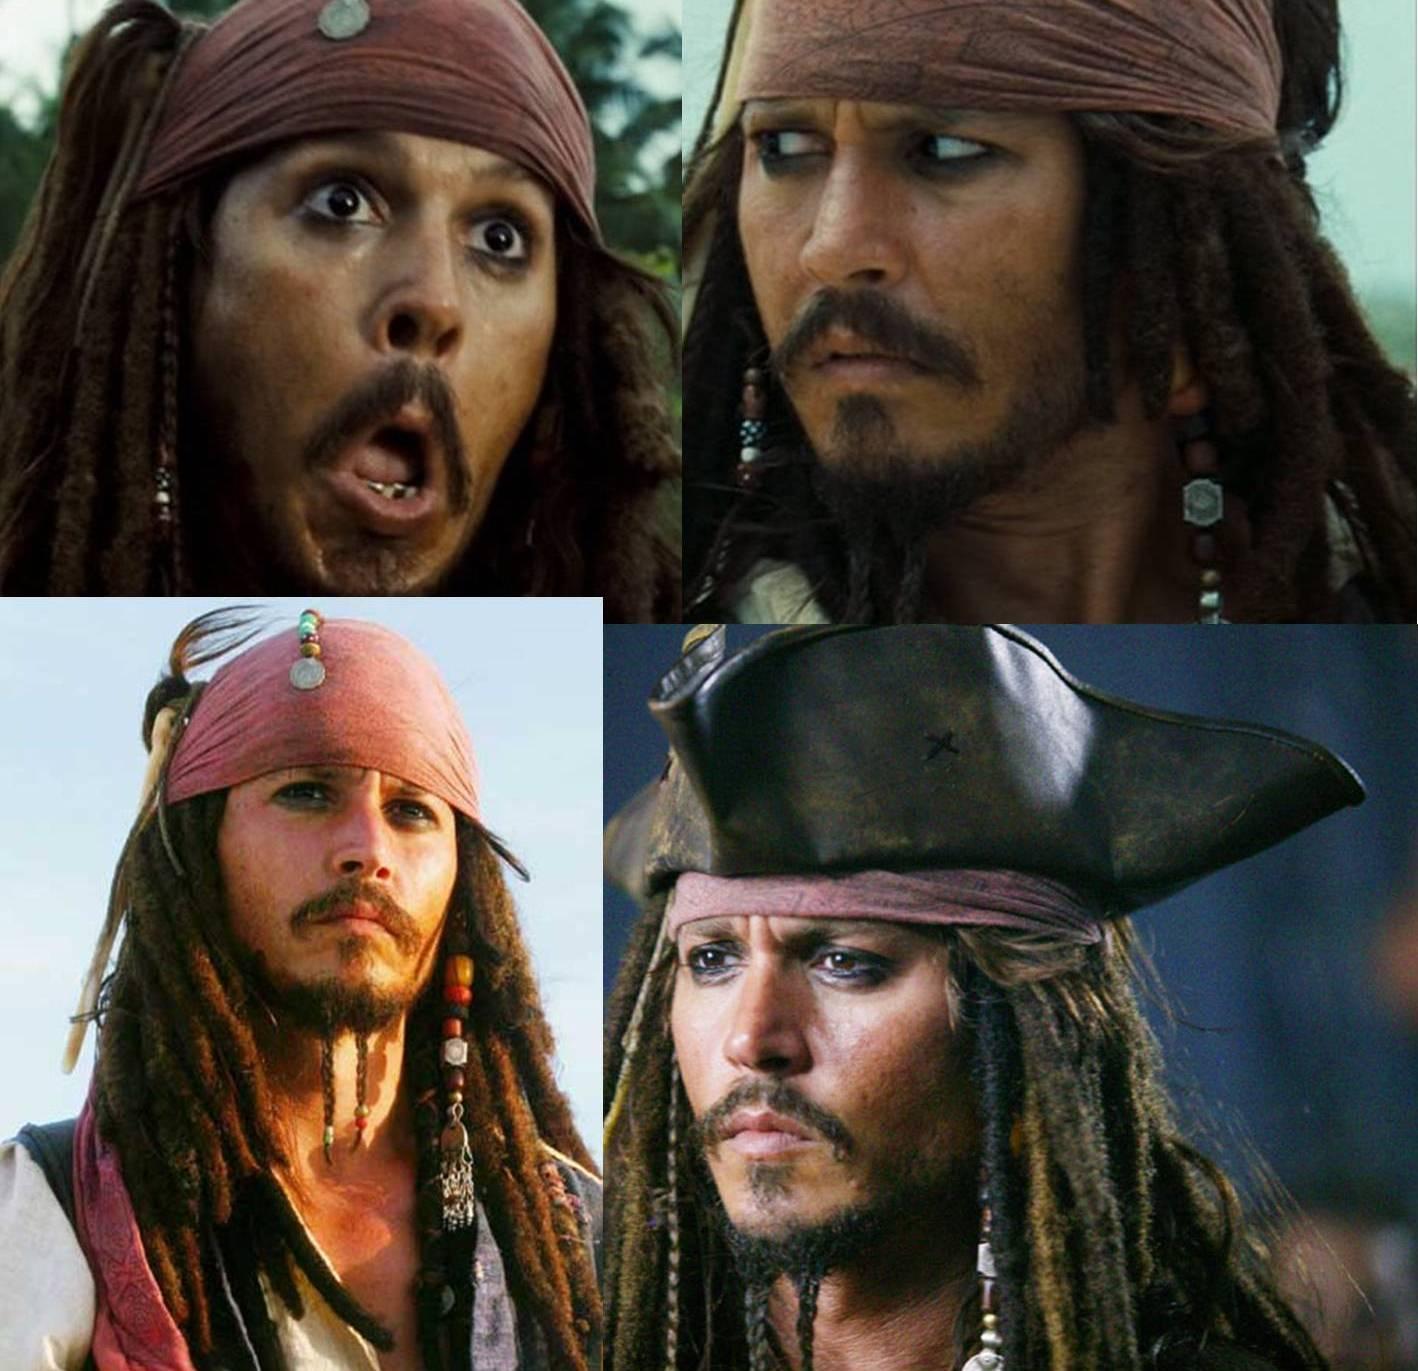 Jack sparrow faces